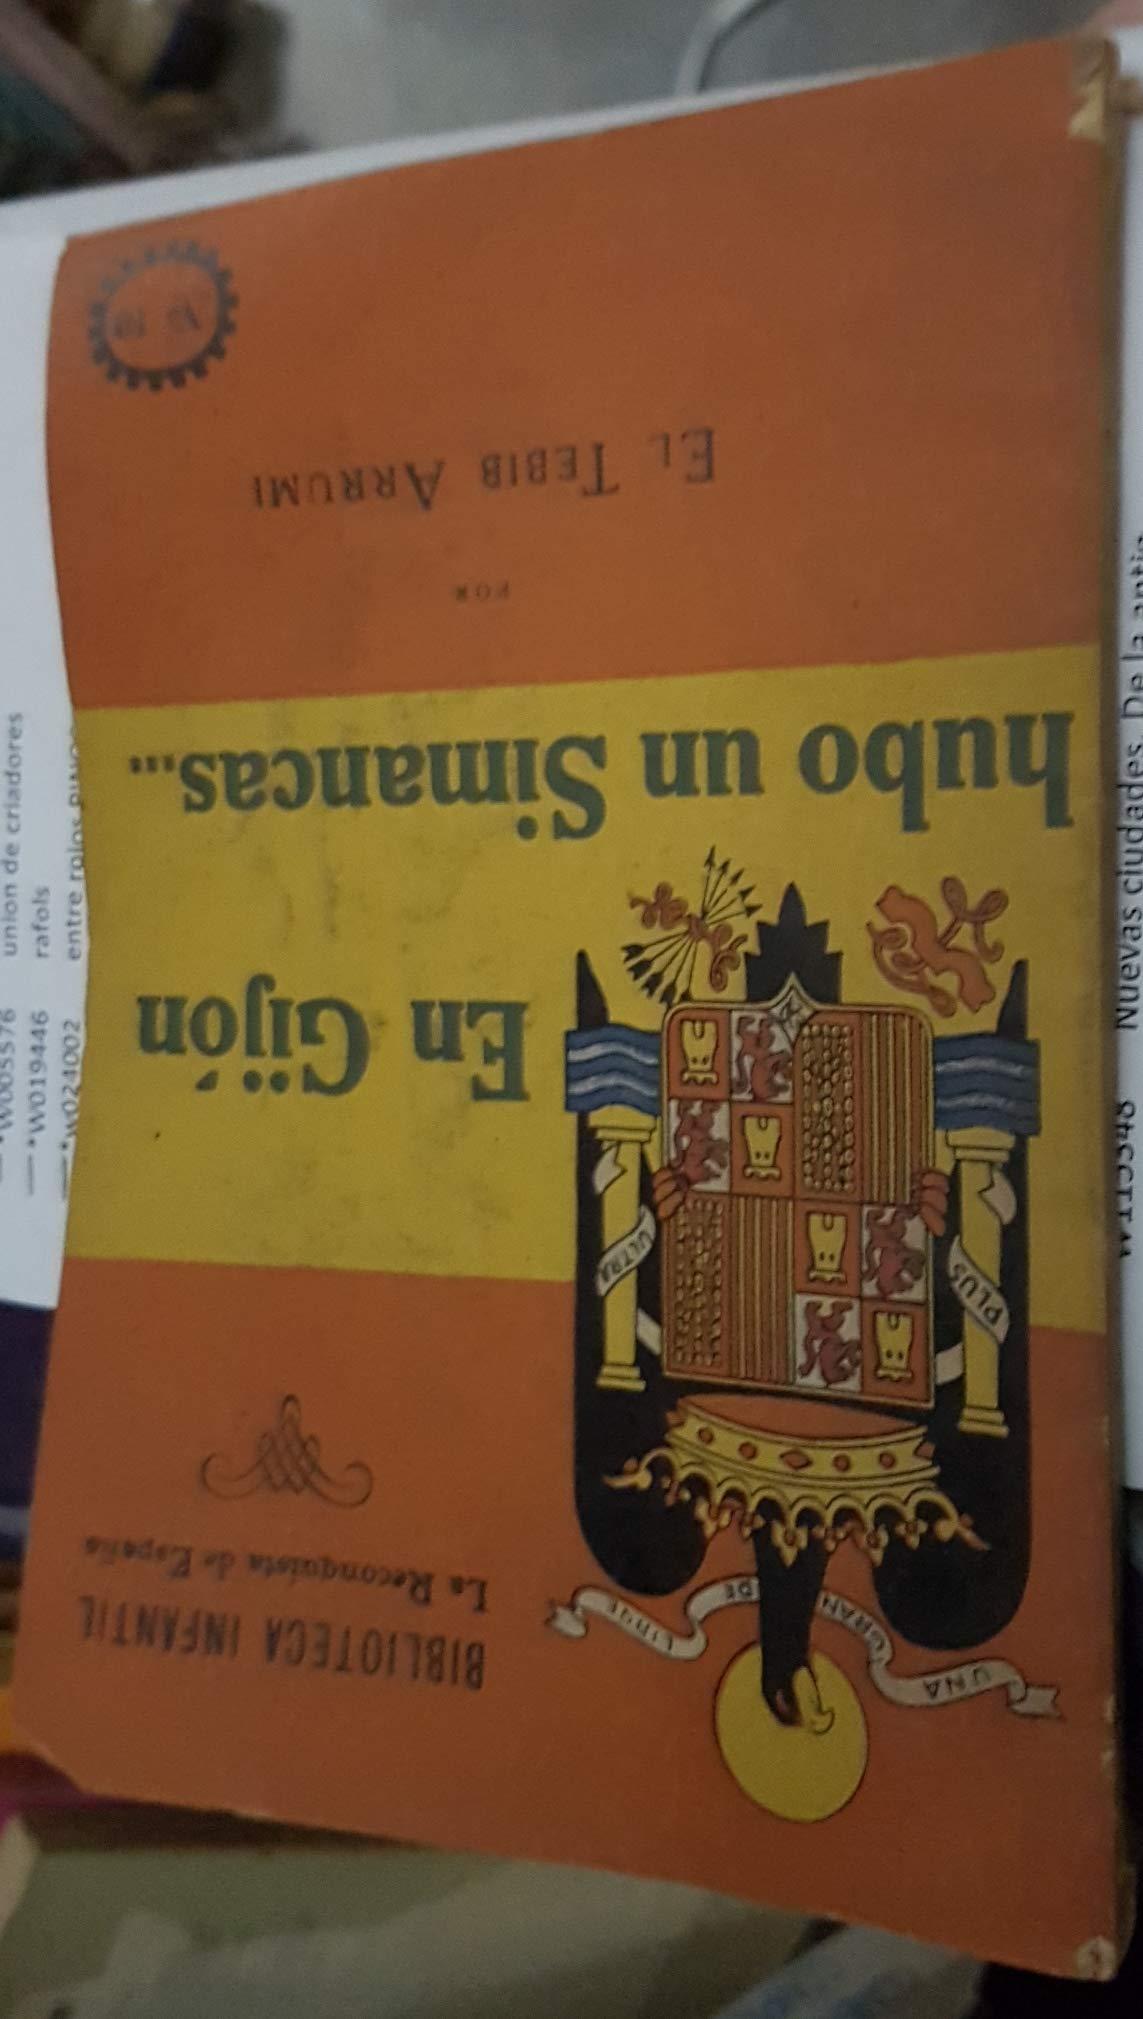 En Gijón hubo un Simancas. Biblioteca Infantil La Reconquista de España. N? 10: Amazon.es: EL TEBIB ARRUMI (RUIZ ALBÉNIZ, Víctor): Libros